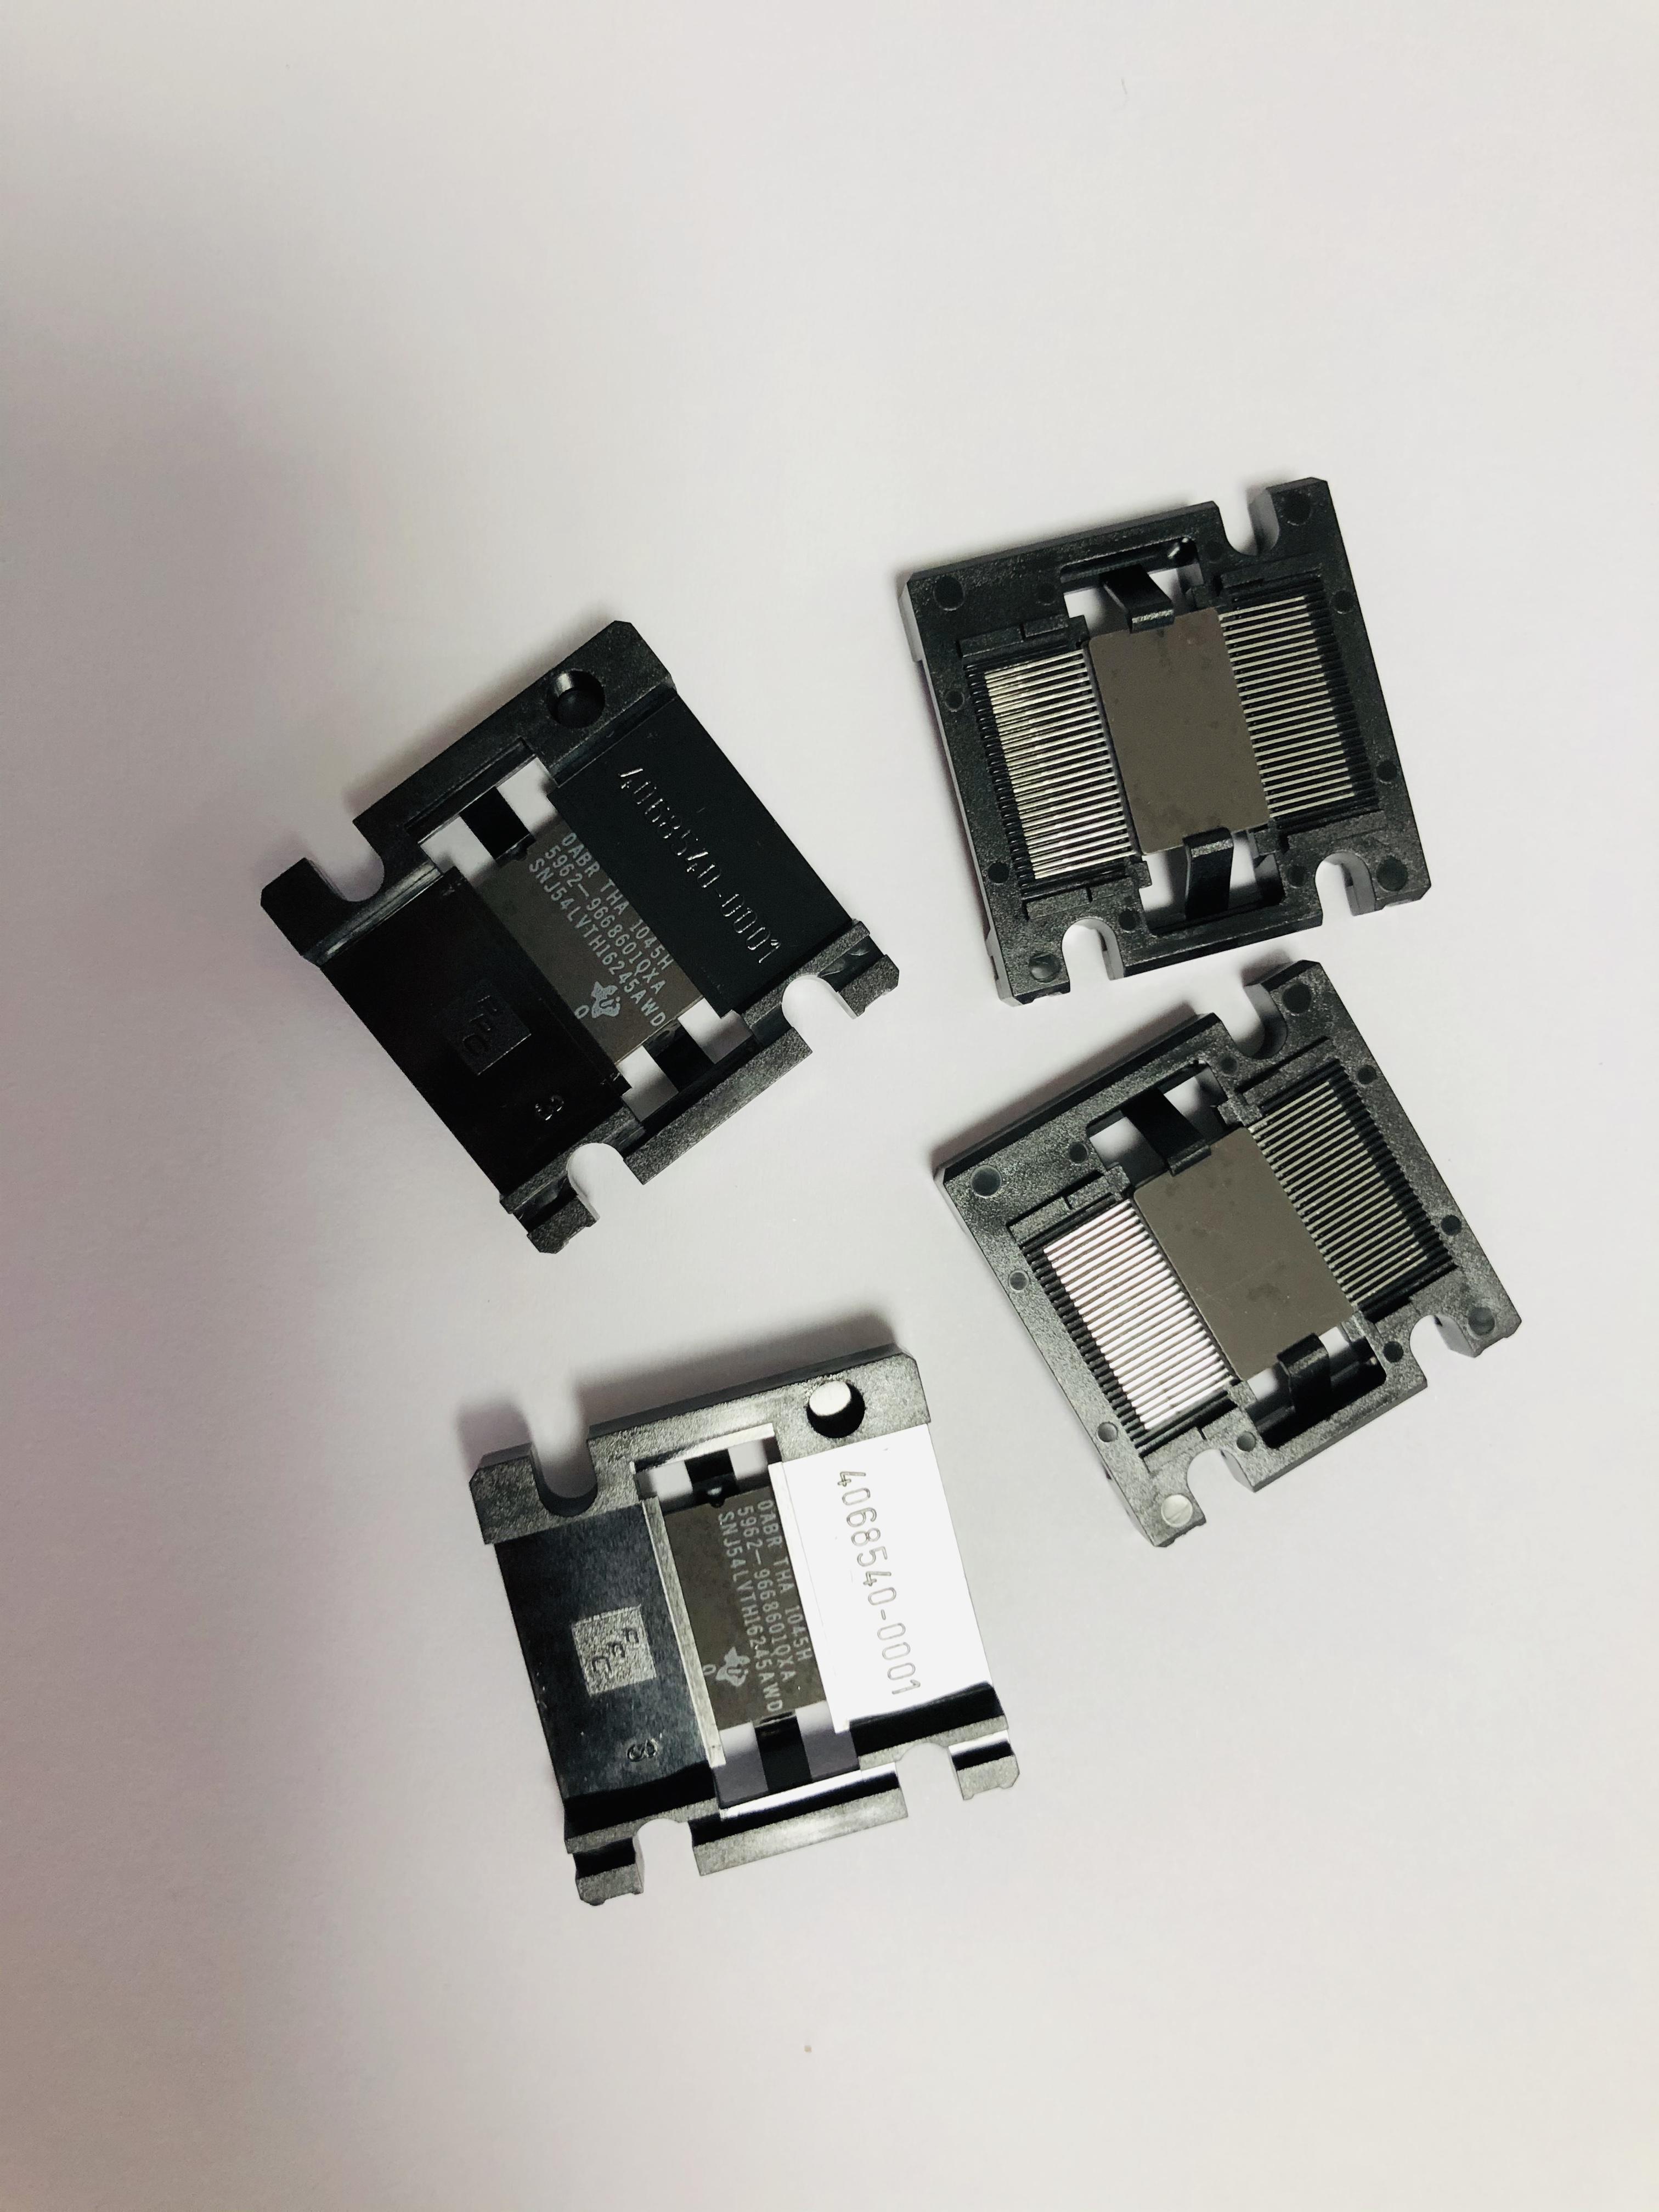 芯片ic回收 薄利回收 诚信经营